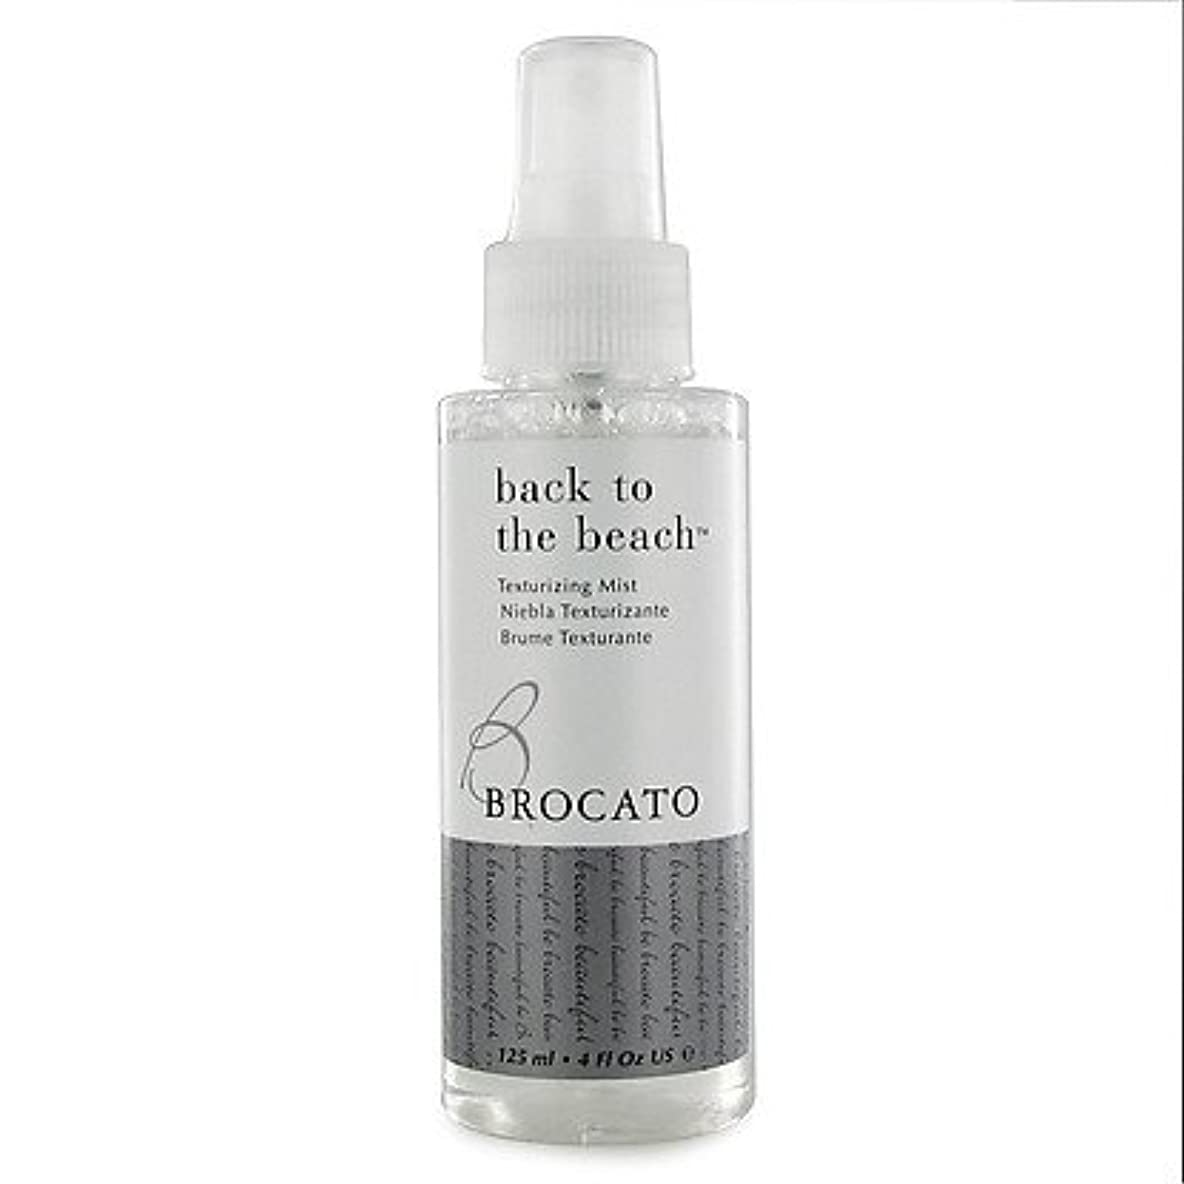 自発的キロメートル畝間Brocato 戻るBeautopia髪でビーチテクスチャーミスト:テクスチャ&ボリュームヘアスタイリングは、女性のためのスプレー - 4オンス 各